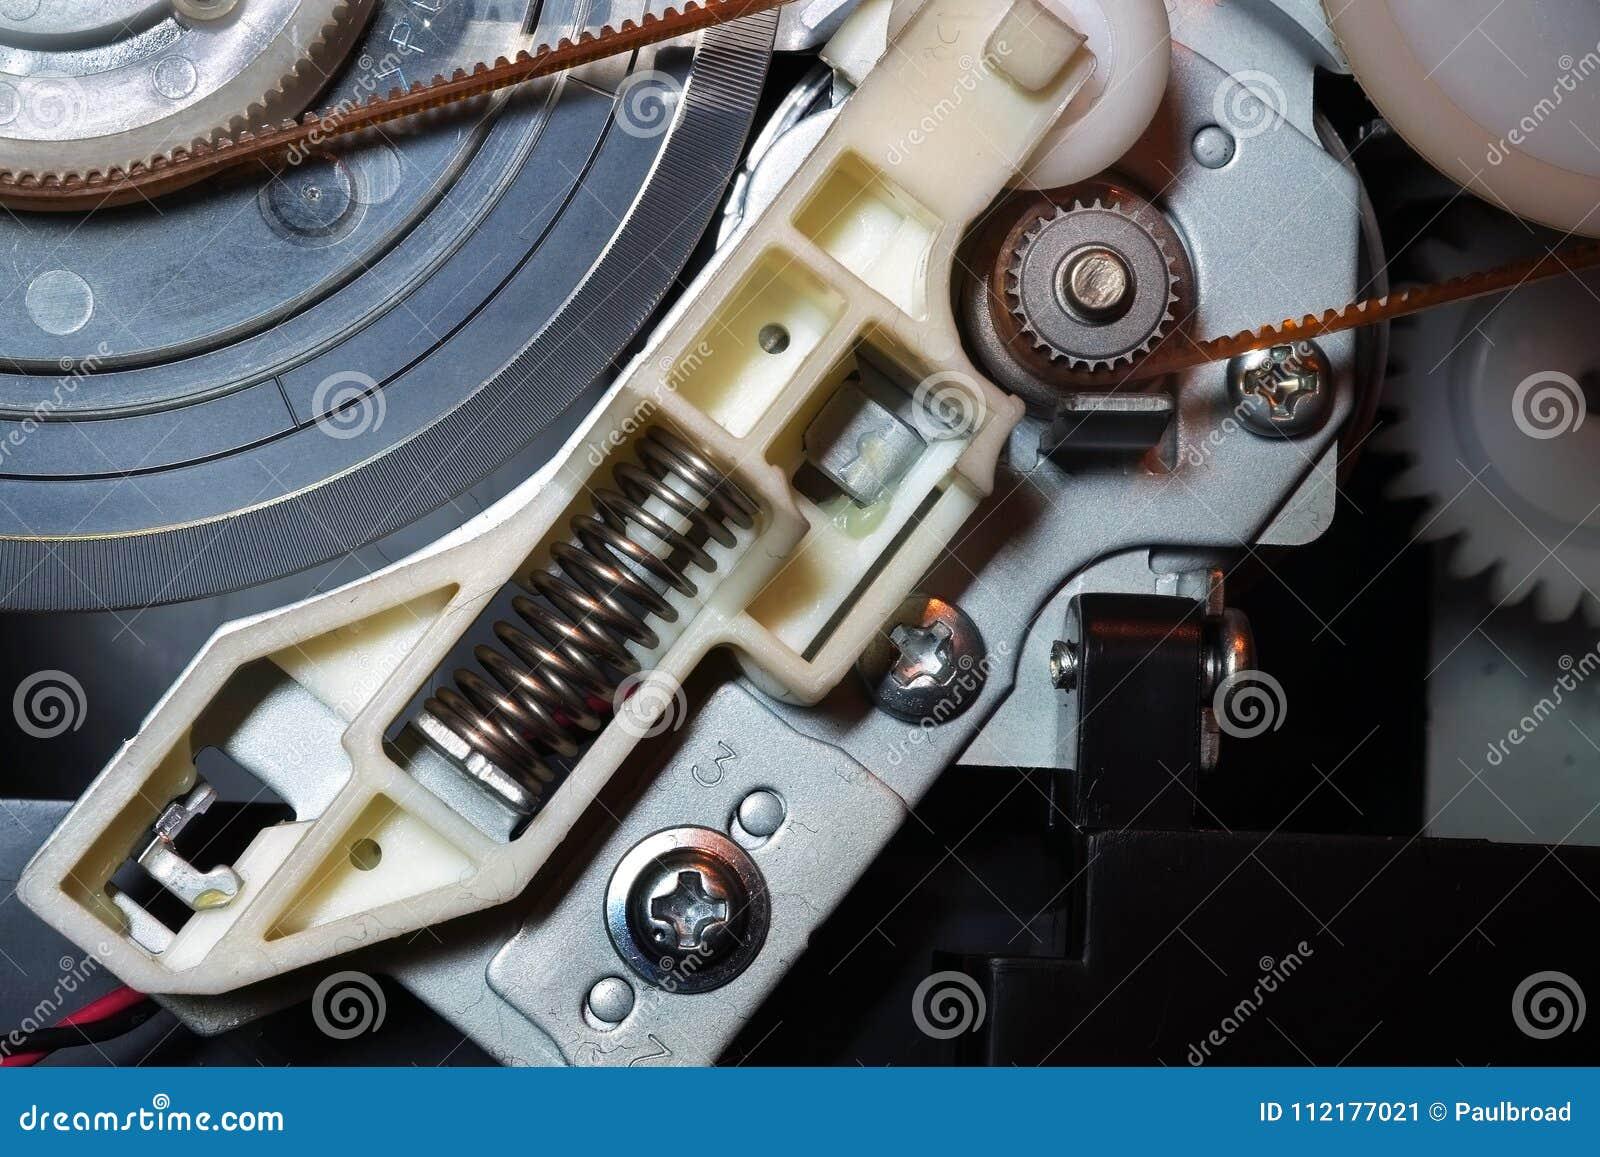 Rodas denteadas e molas das engrenagens dentro de uma impressora a jato de tinta do computador